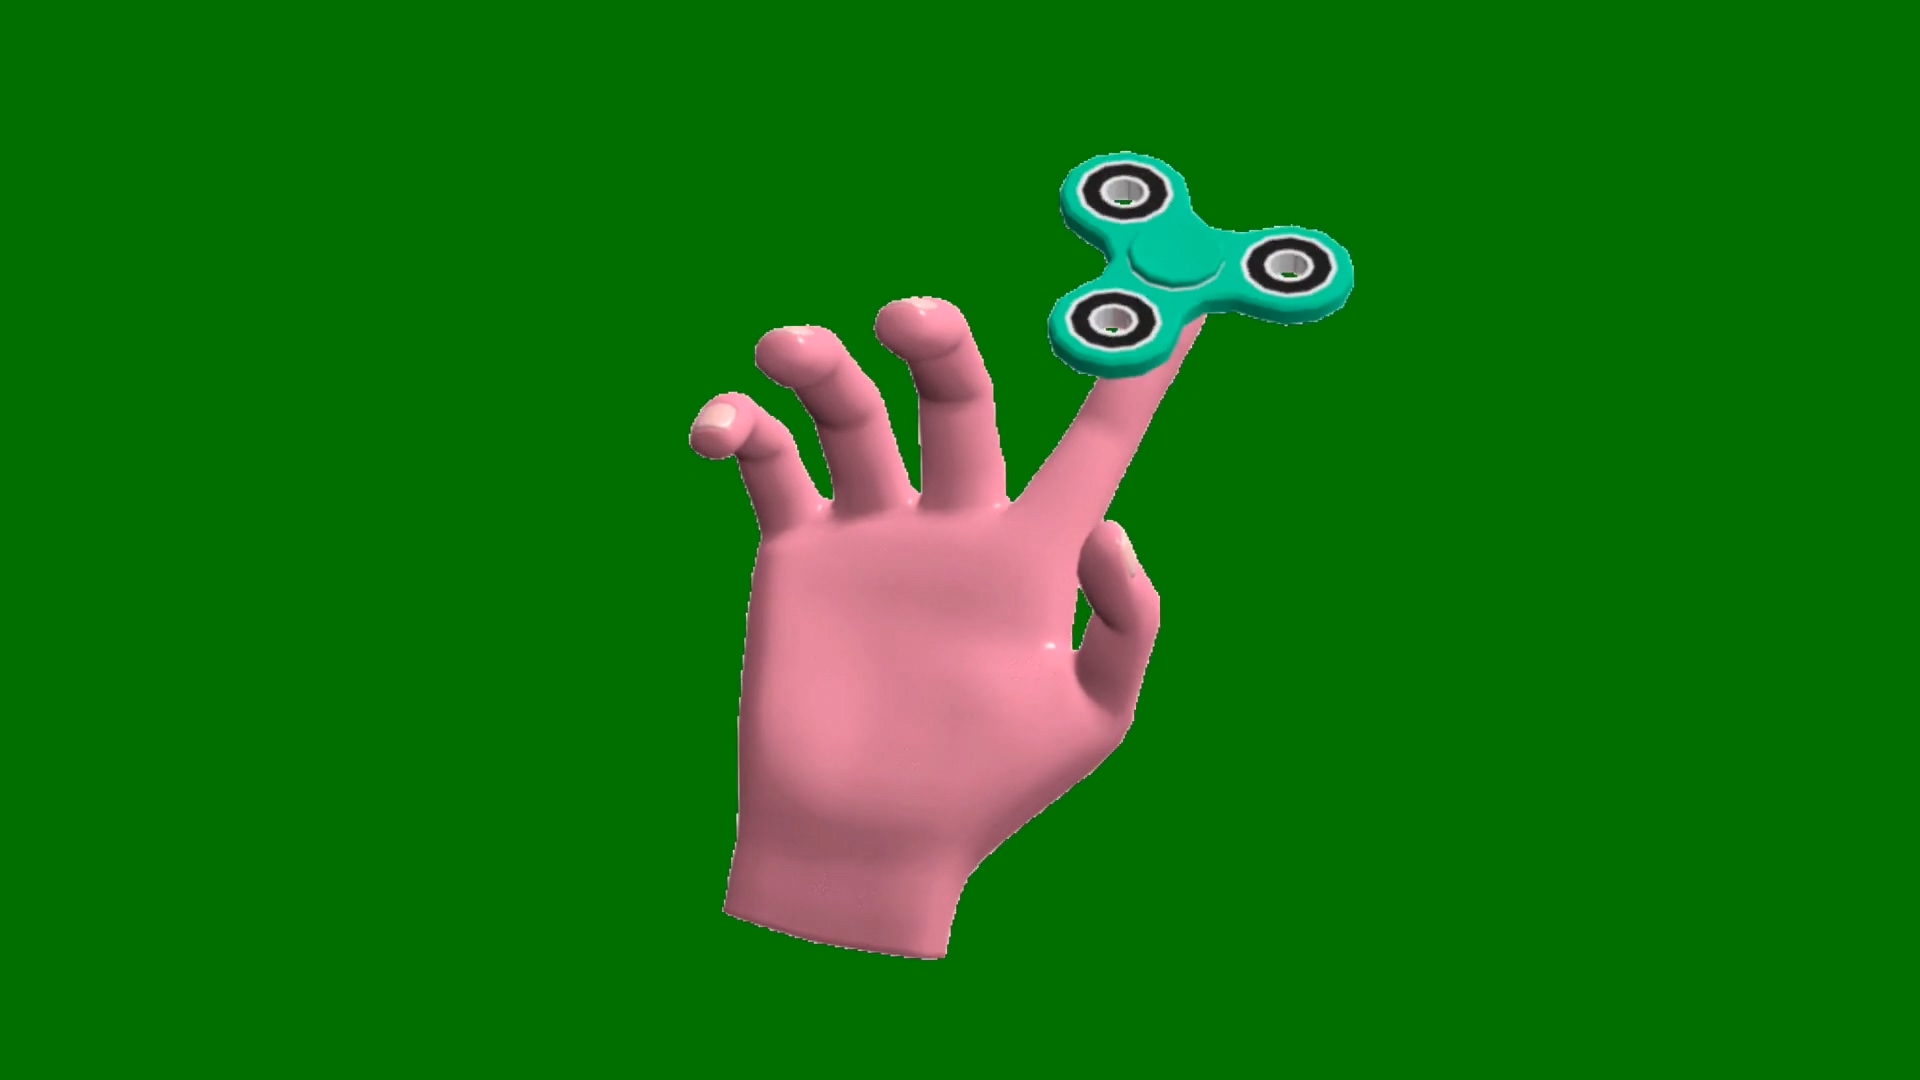 绿屏抠像指尖陀螺